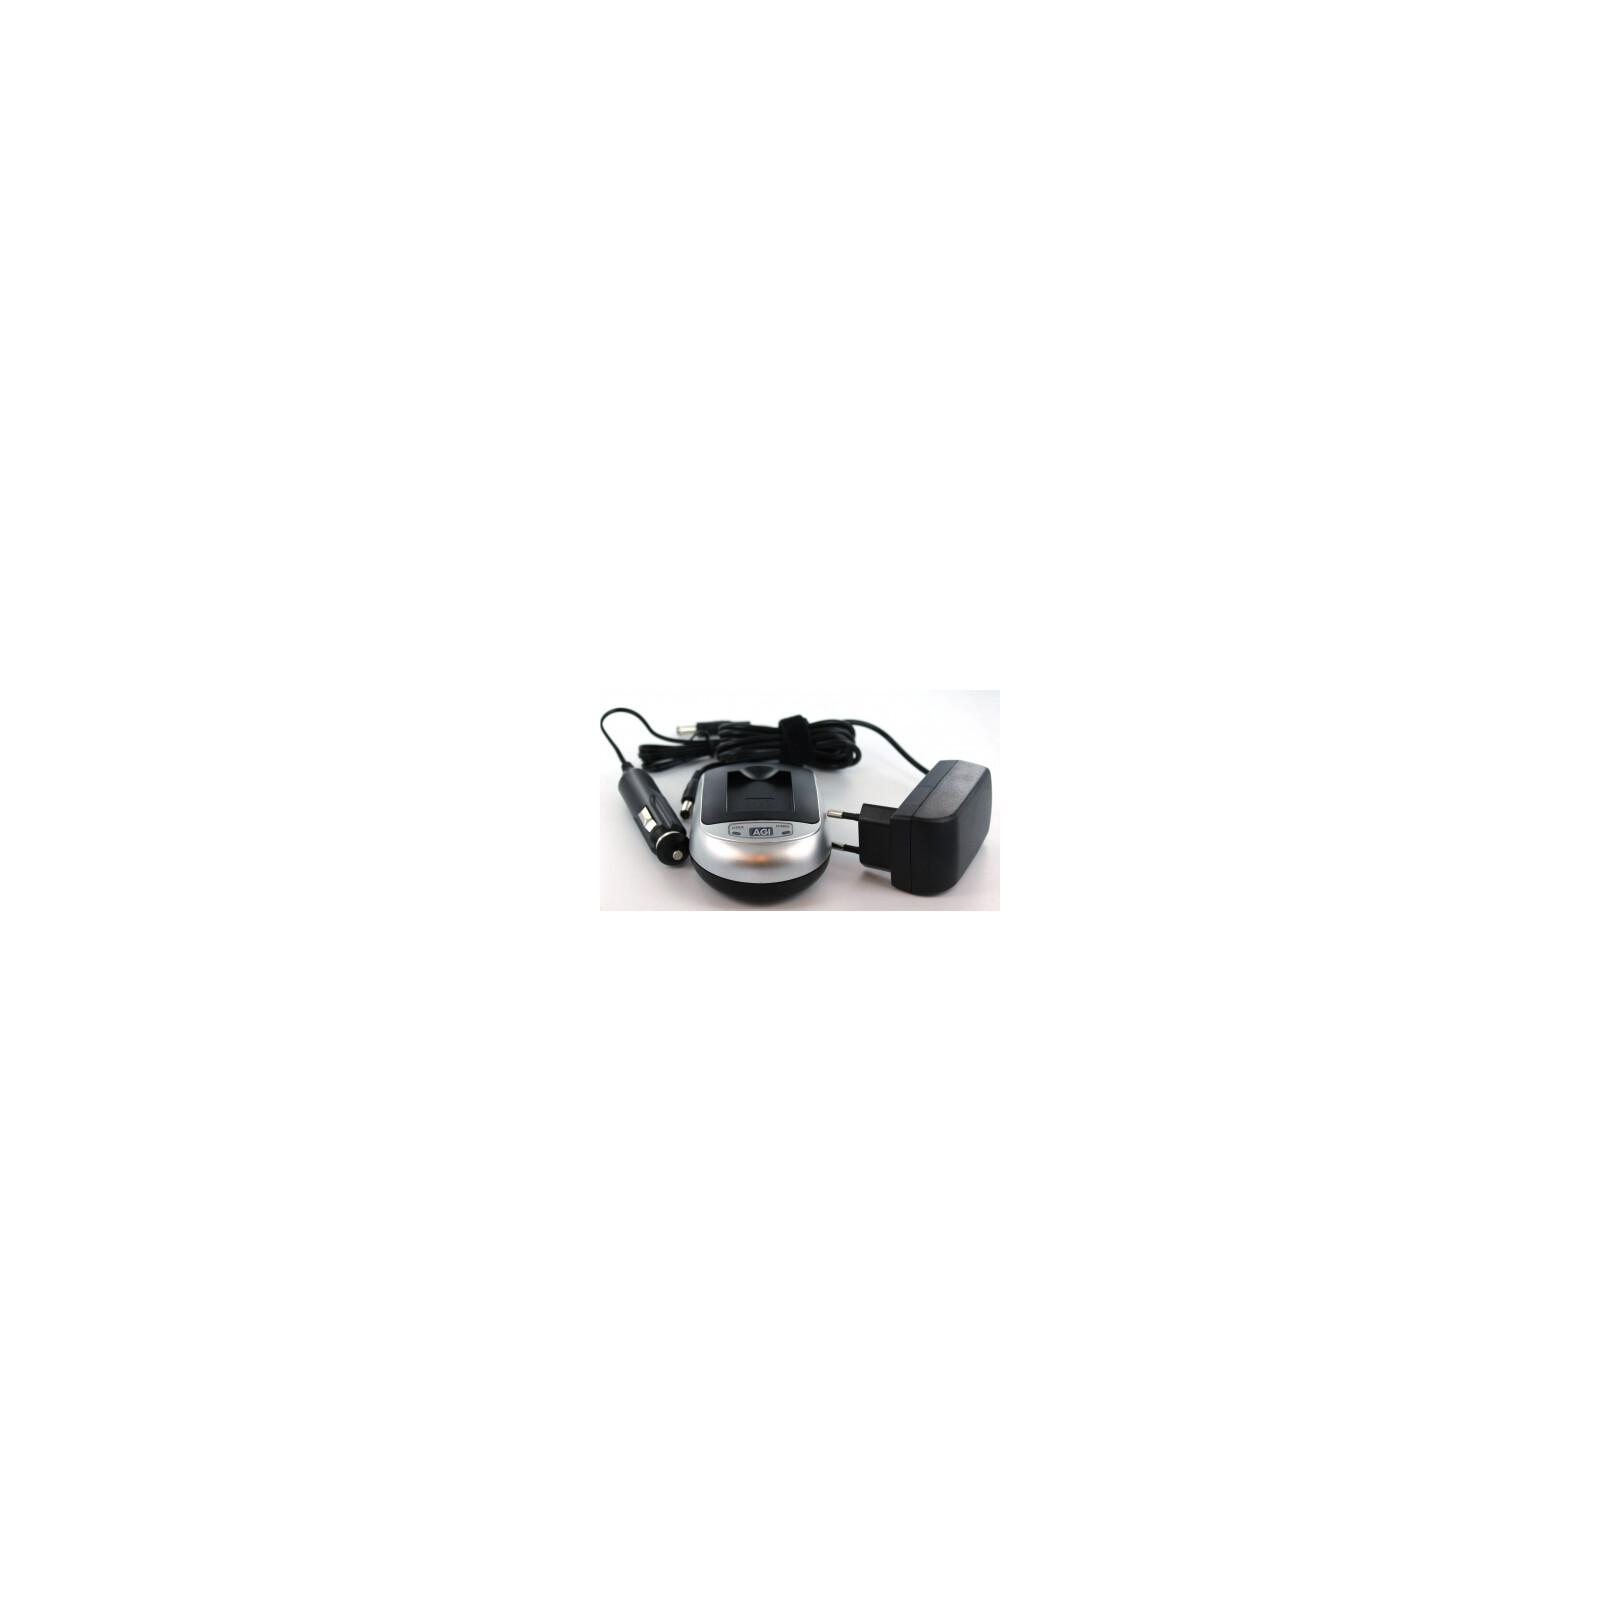 AGI 71021 Ladegerät Samsung ES55